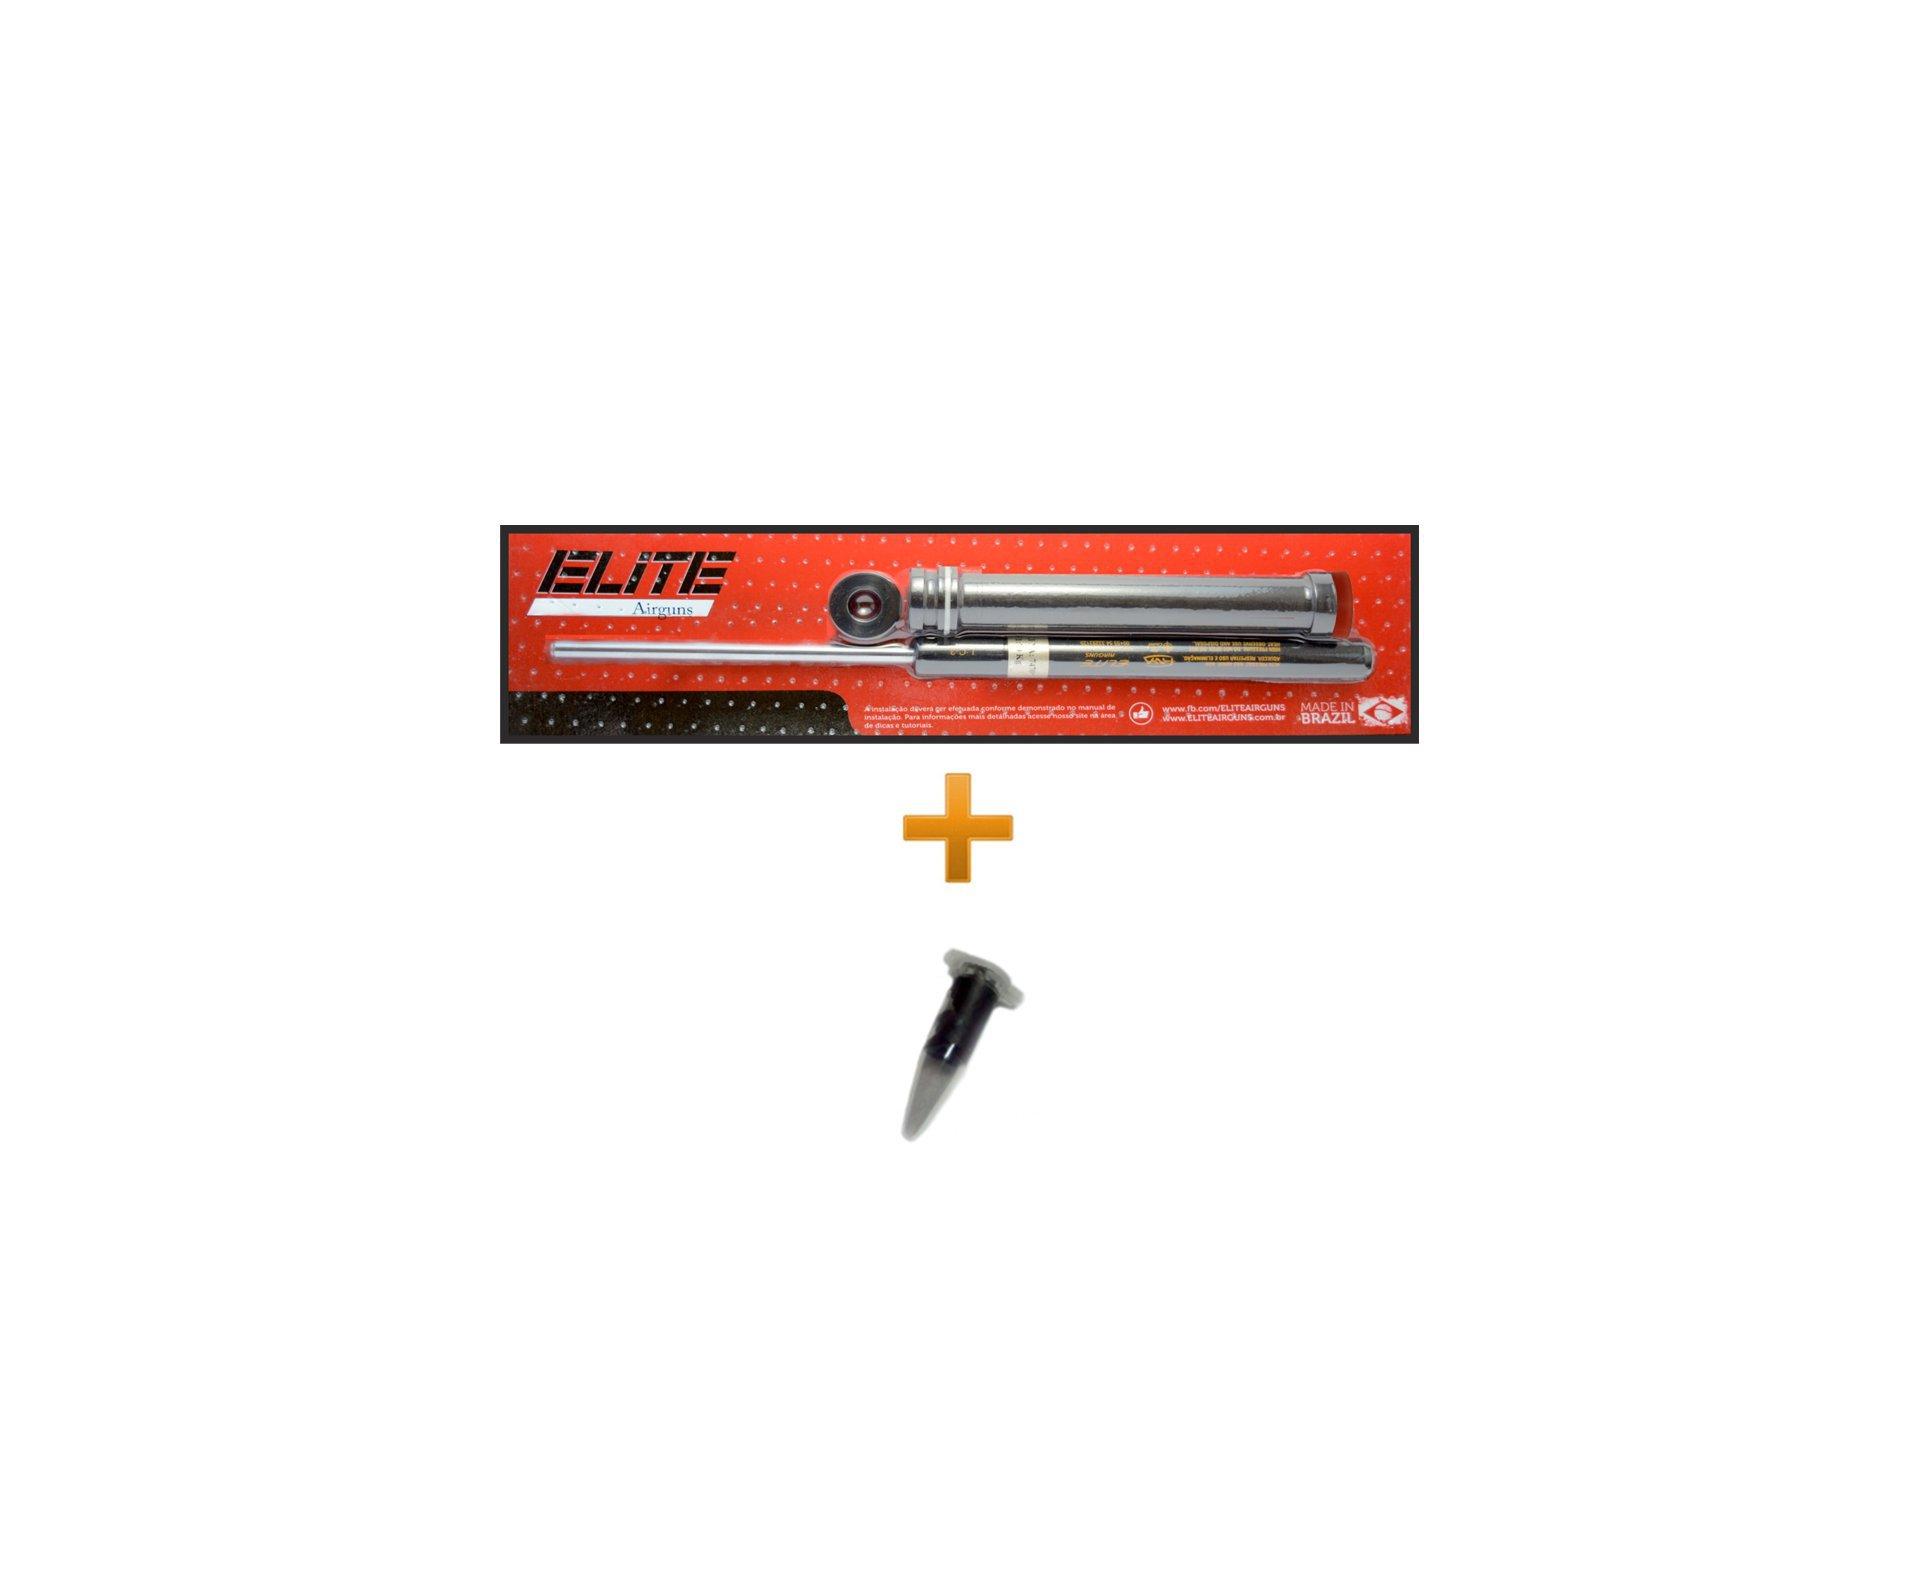 Kit Customização Advanced Bam B22 Gas Ram 75kg Elite Airguns